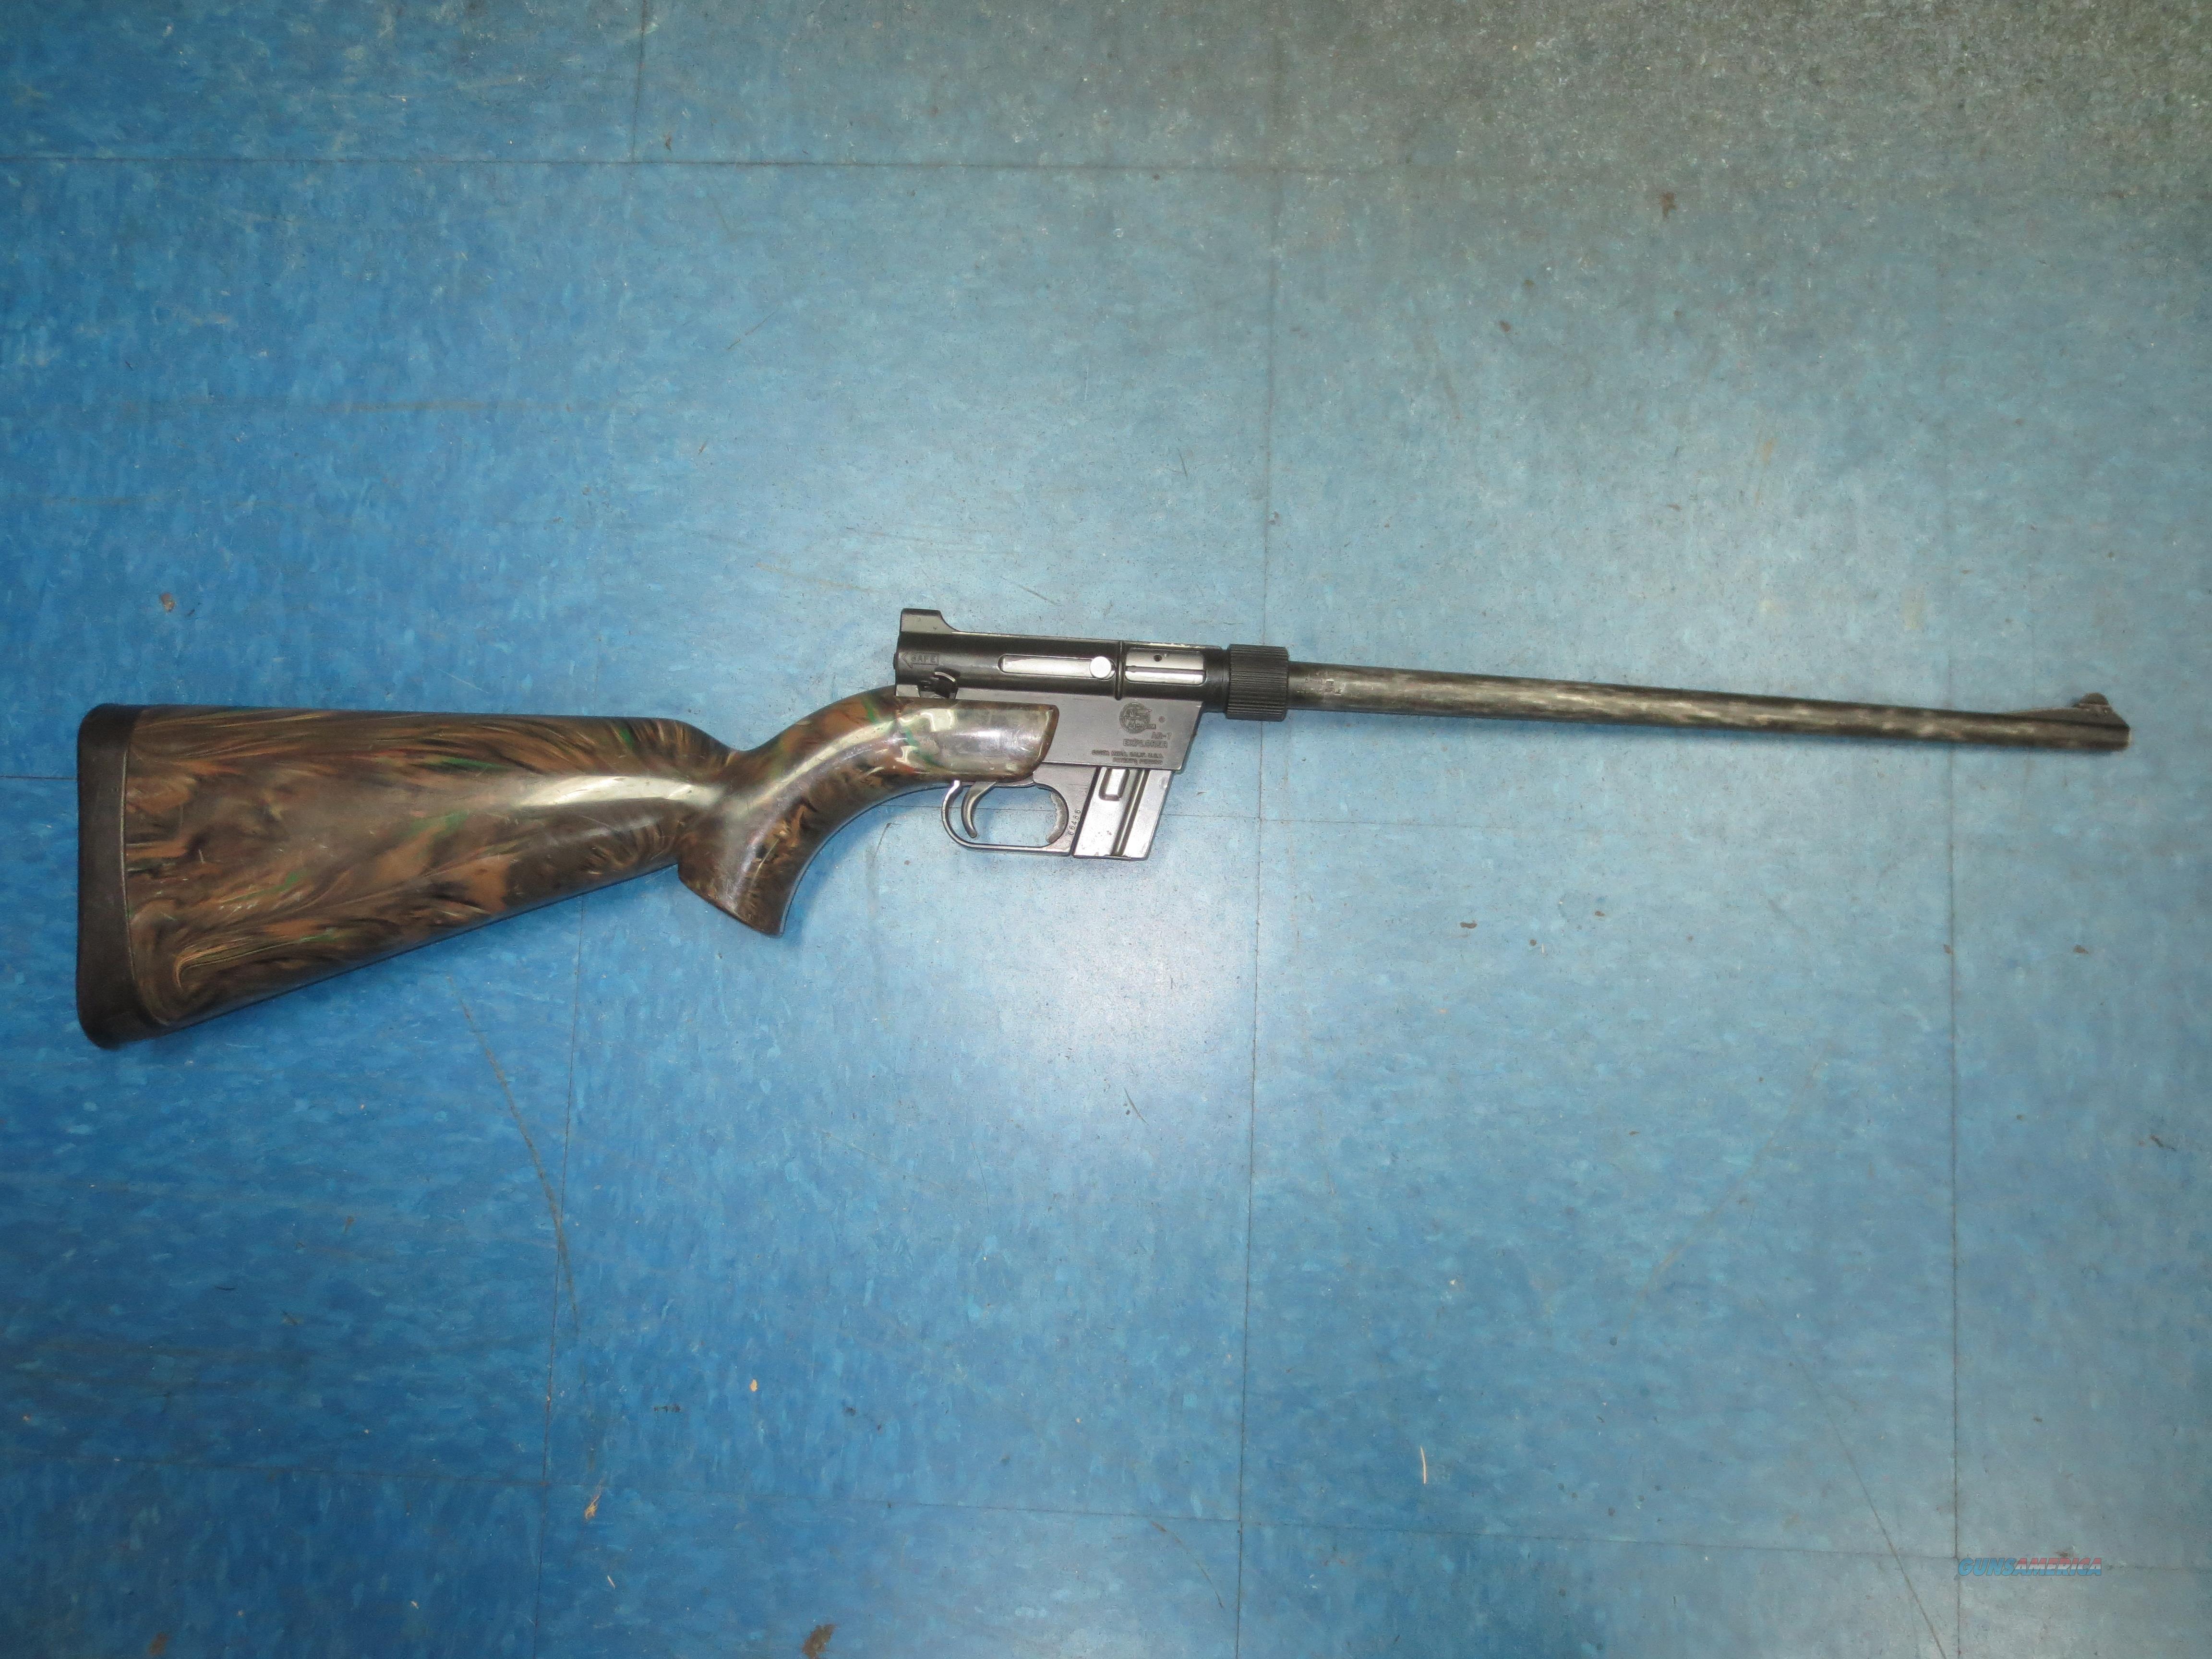 Armalite model AR-7 Explorer .22 LR take down rifle  Guns > Rifles > Armalite Rifles > Complete Rifles